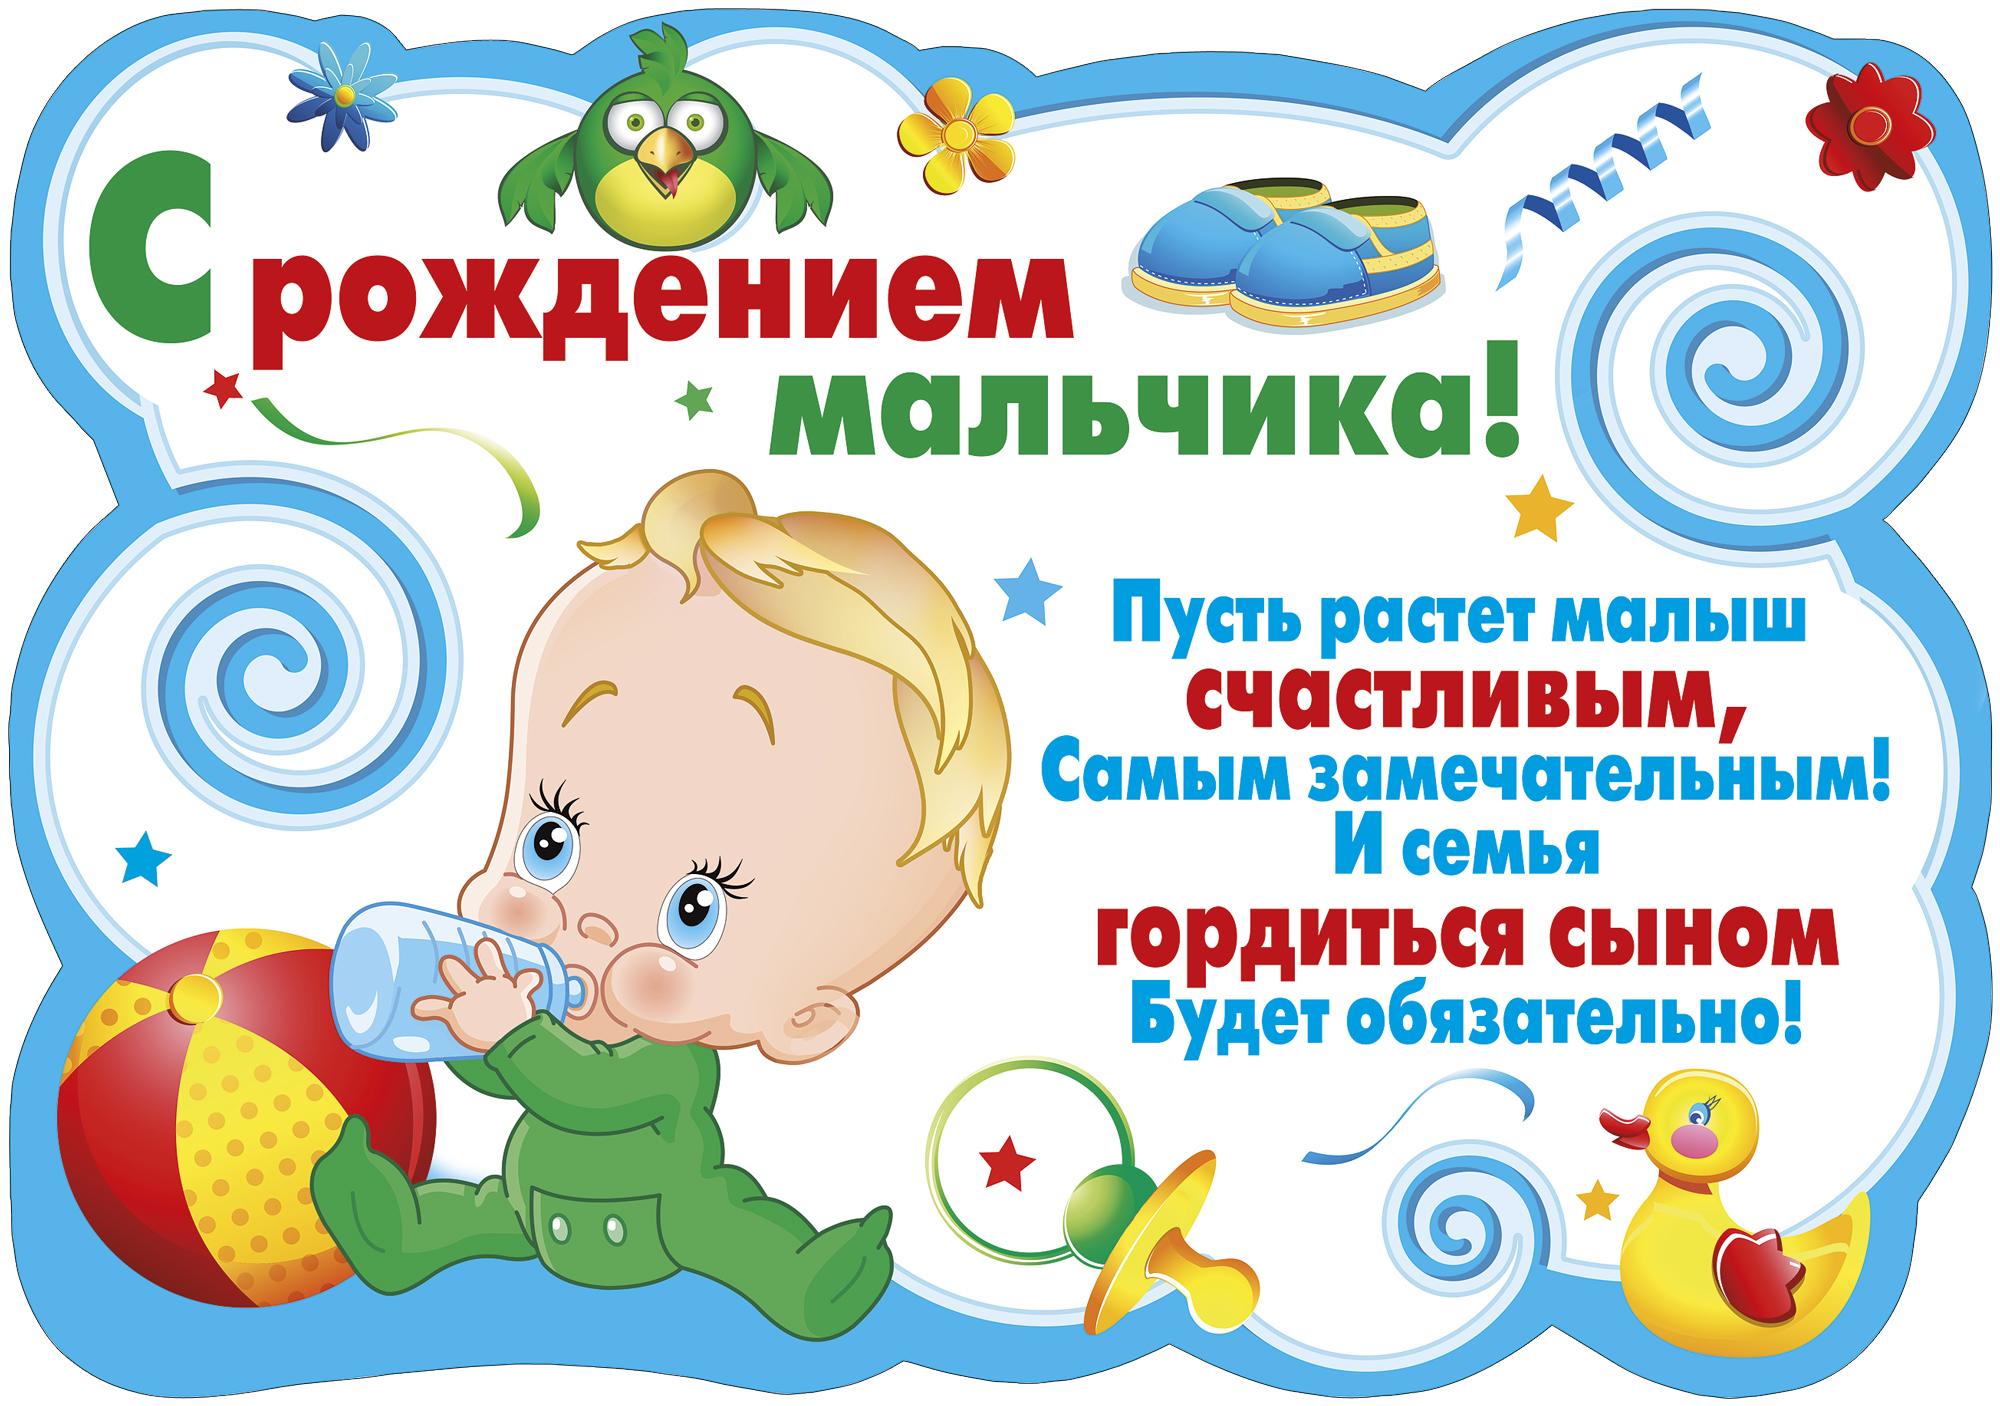 Поздравления сына с днем рождения - картинки (30 открыток)